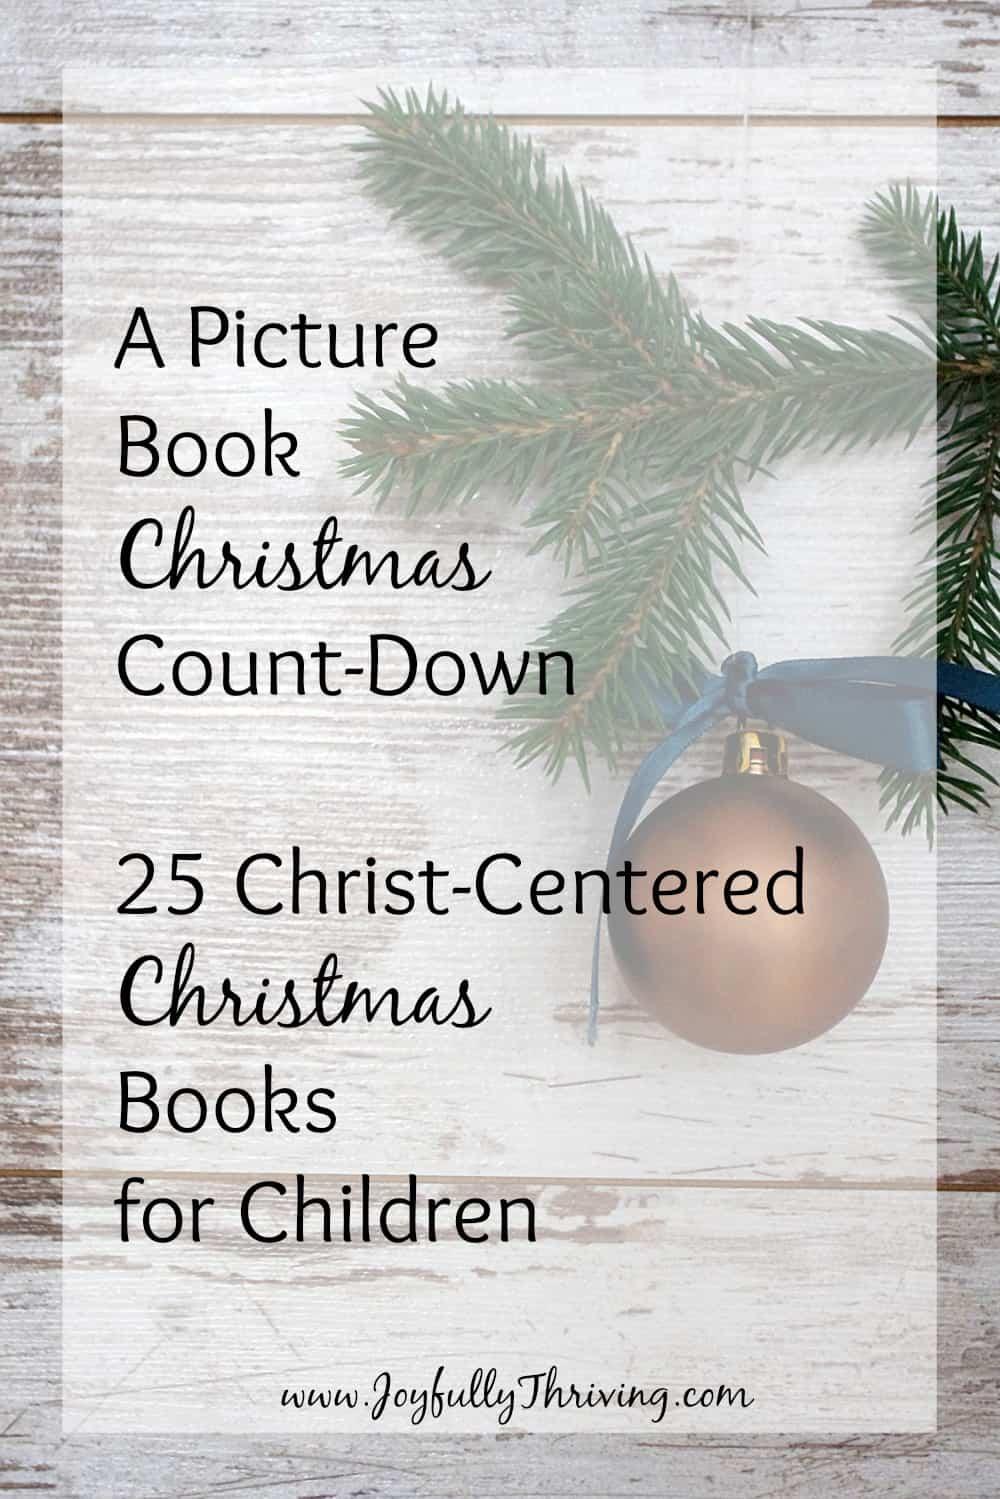 25 Christ-Centered Christmas Books